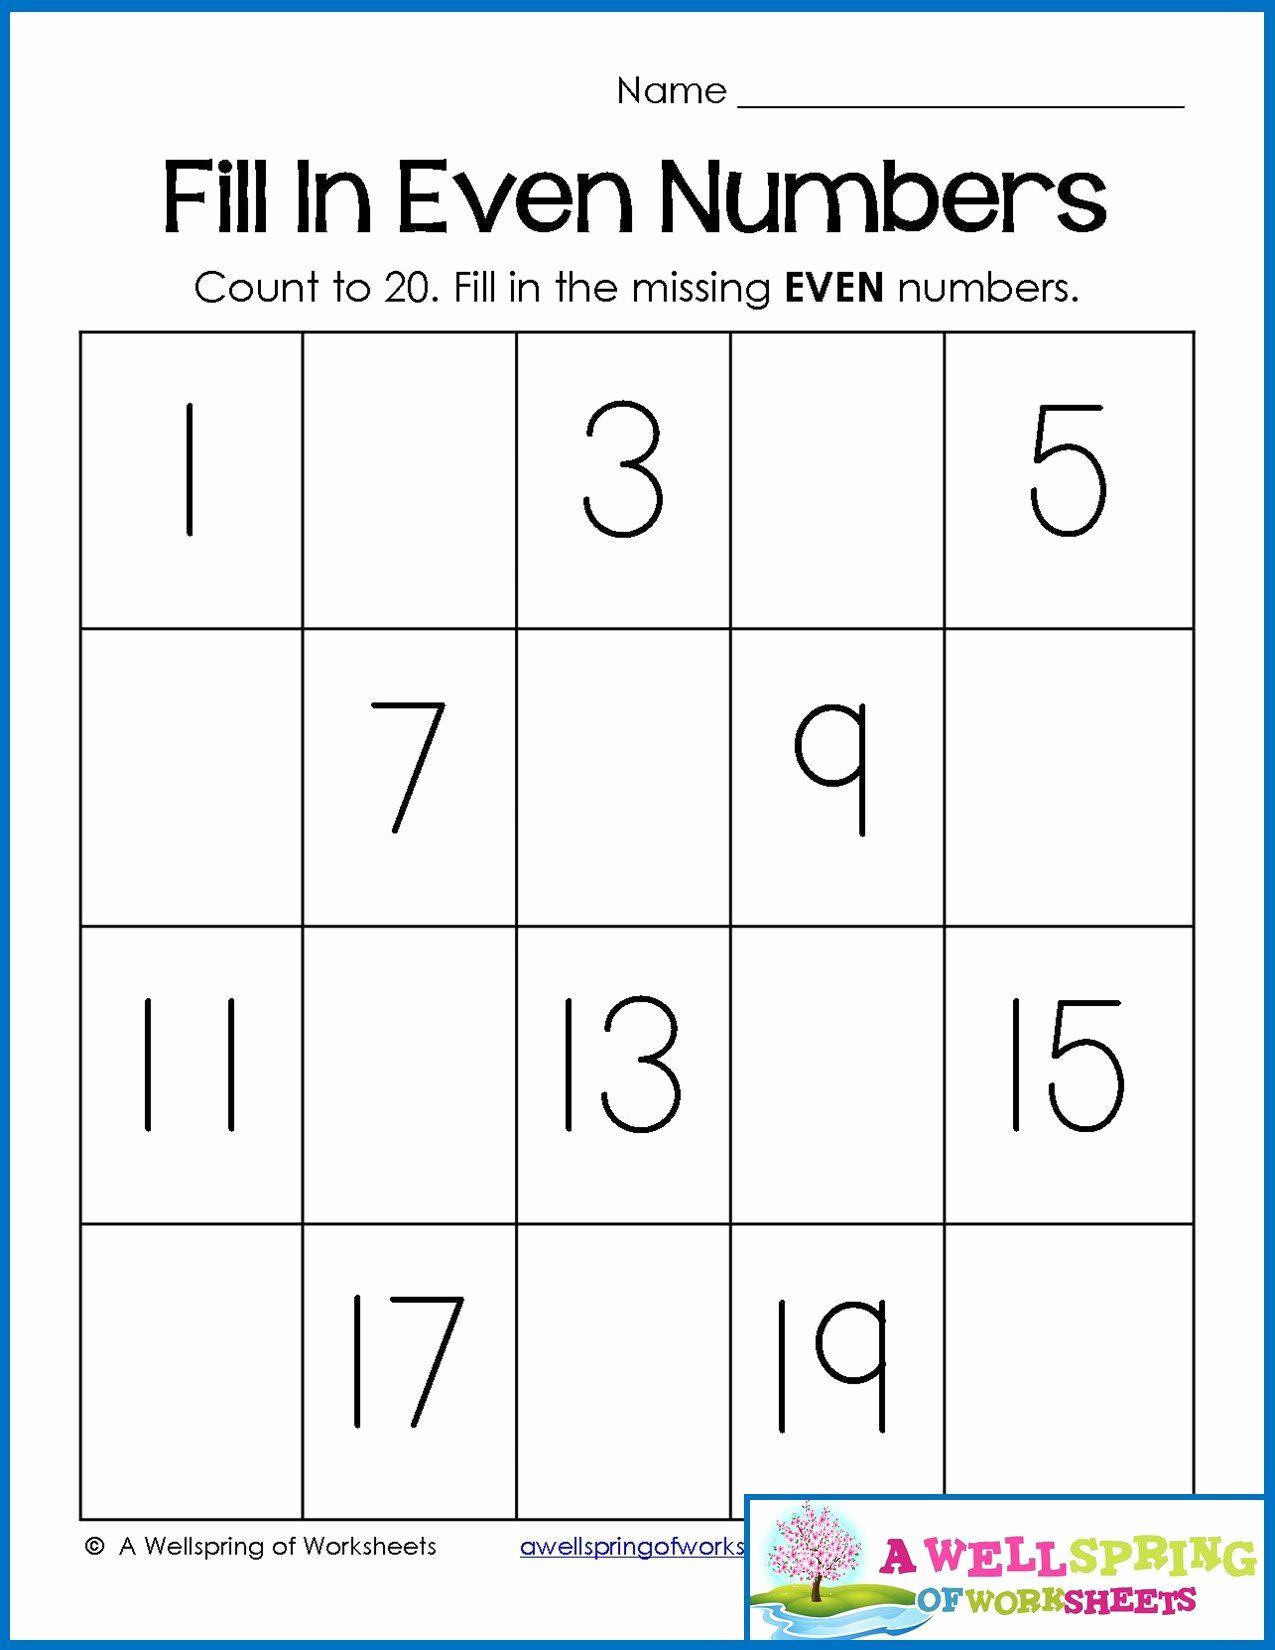 Missing Number Worksheets 1 20 Fresh Missing Number Worksheets 1 20 Worksheets Fill In the